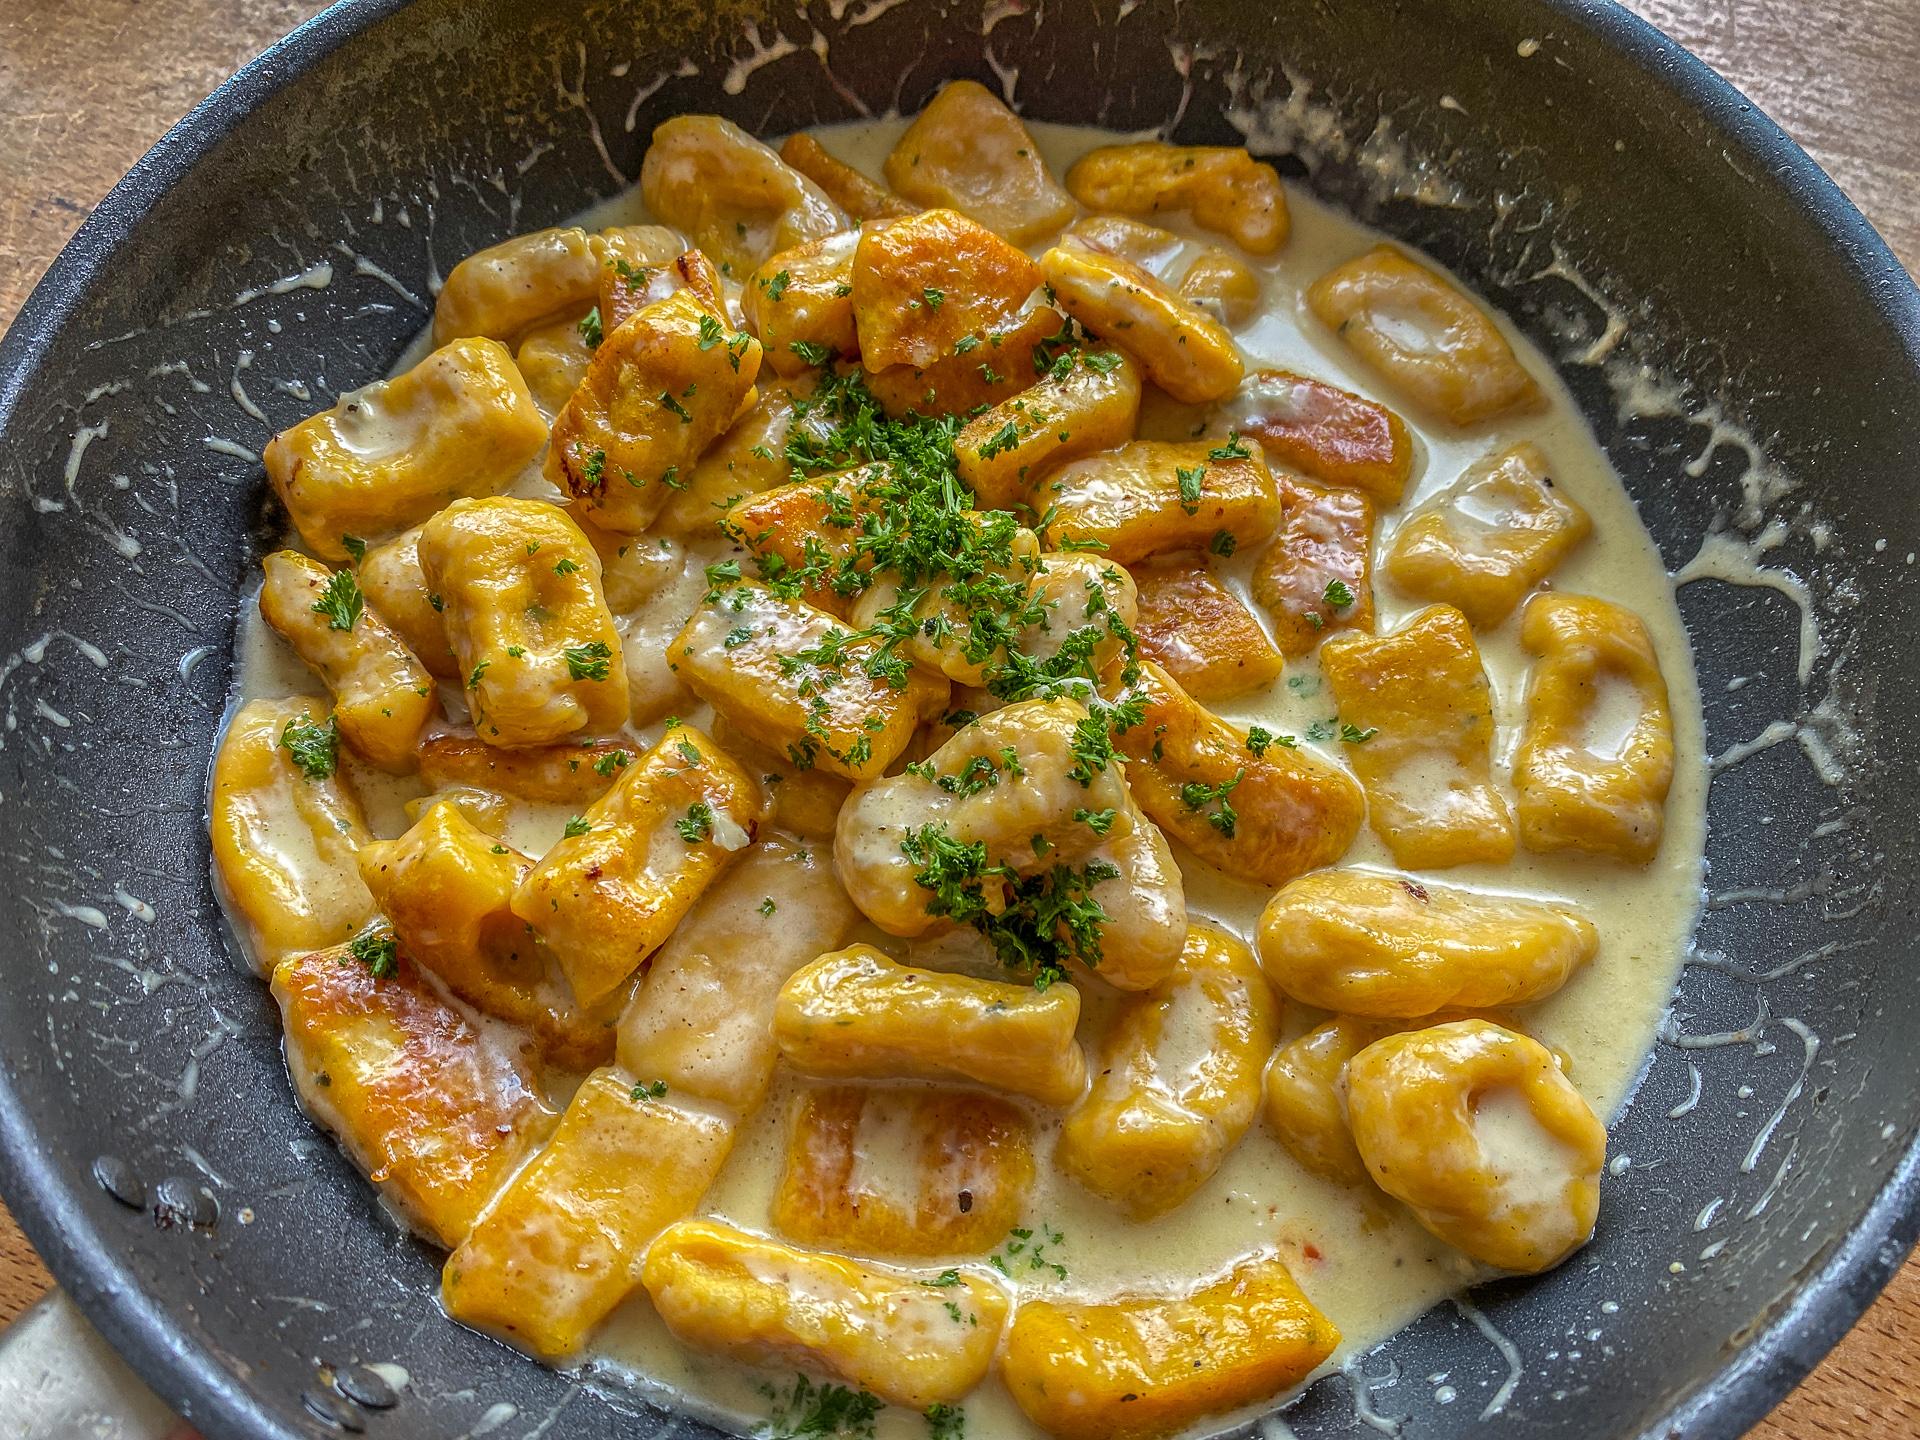 Mein Favorit: Die Gnocchi erst anbräunen und dann in der Sauce kurz ziehen lassen.